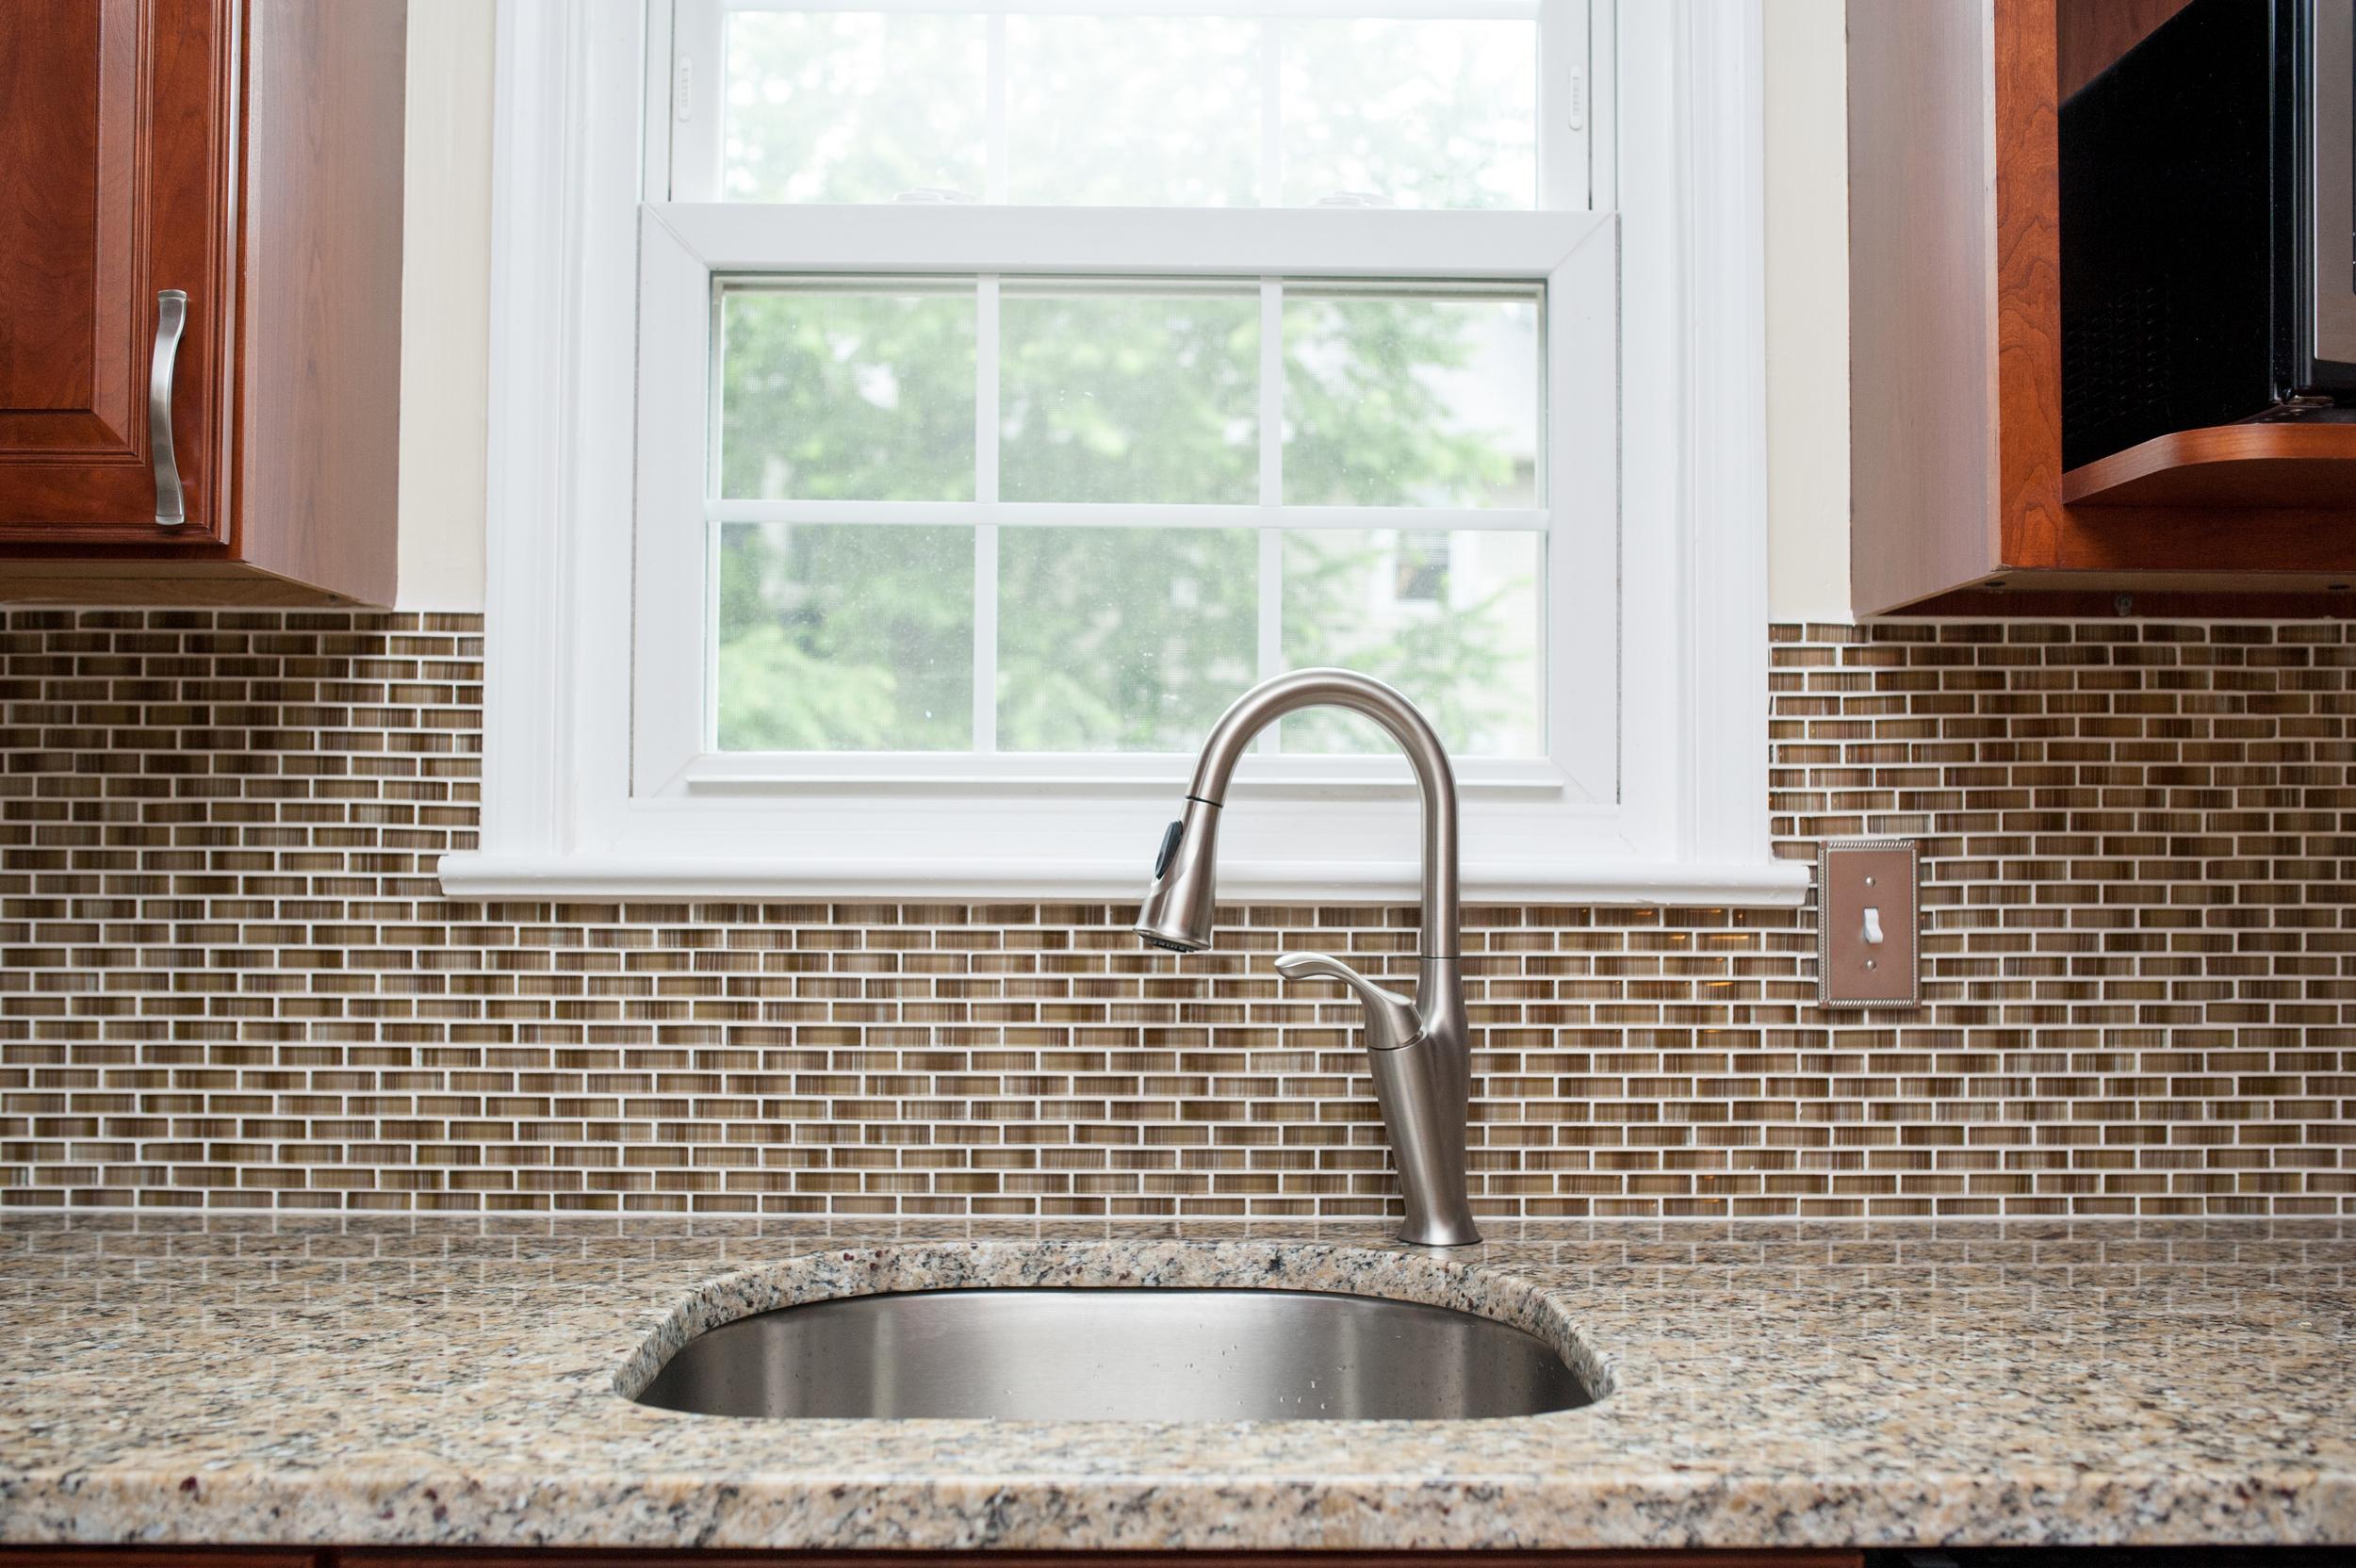 OLD-Kitchen Remodeling — Euro Design Remodel - remodeler with 20 ...